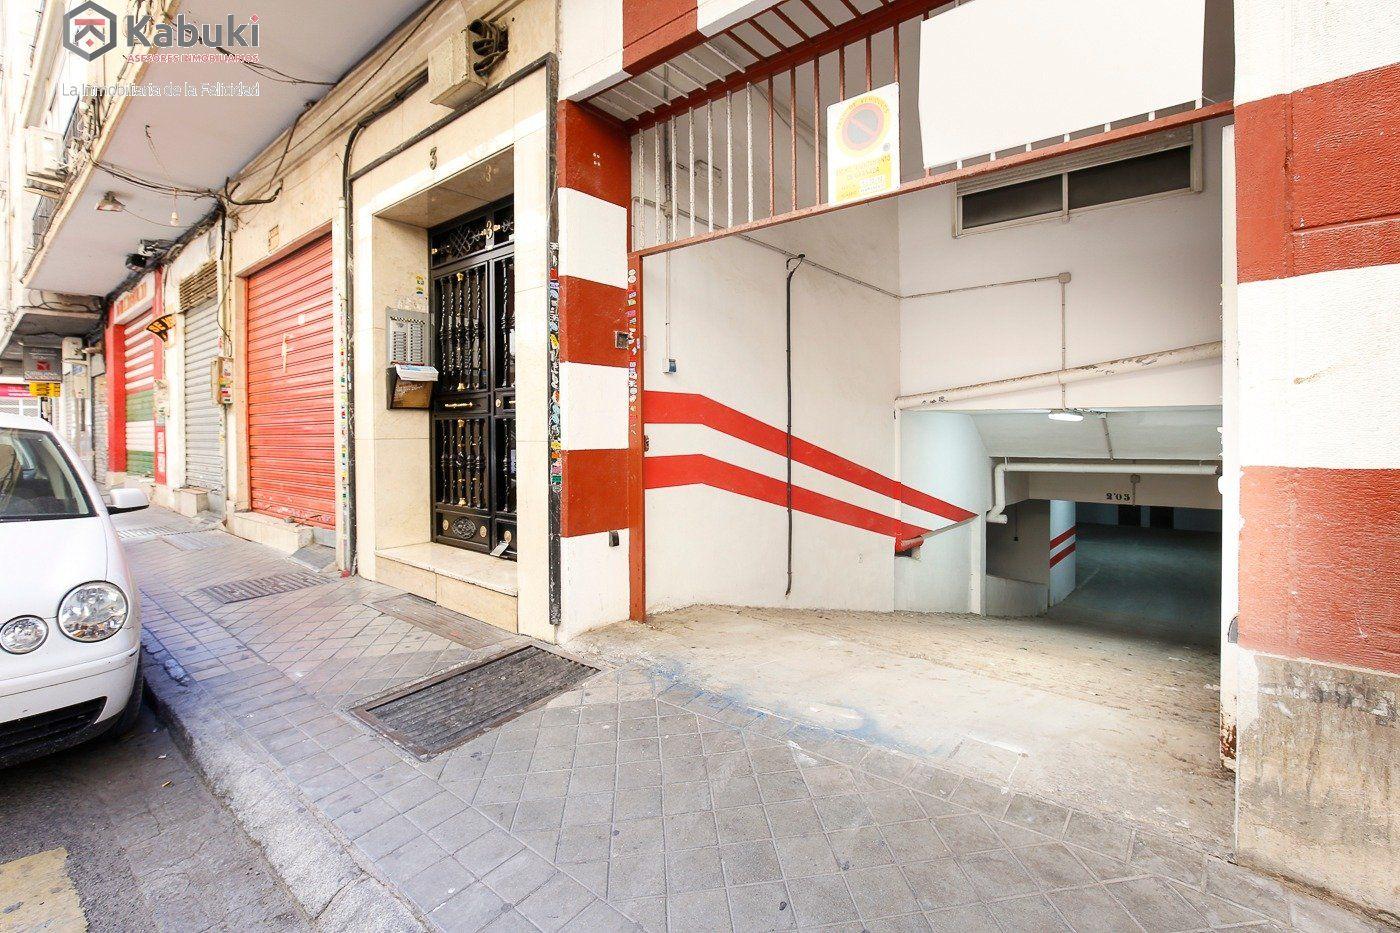 Si estas cansado de dar vueltas con el coche, tenemos fantástica plaza de garaje con trast - imagenInmueble14